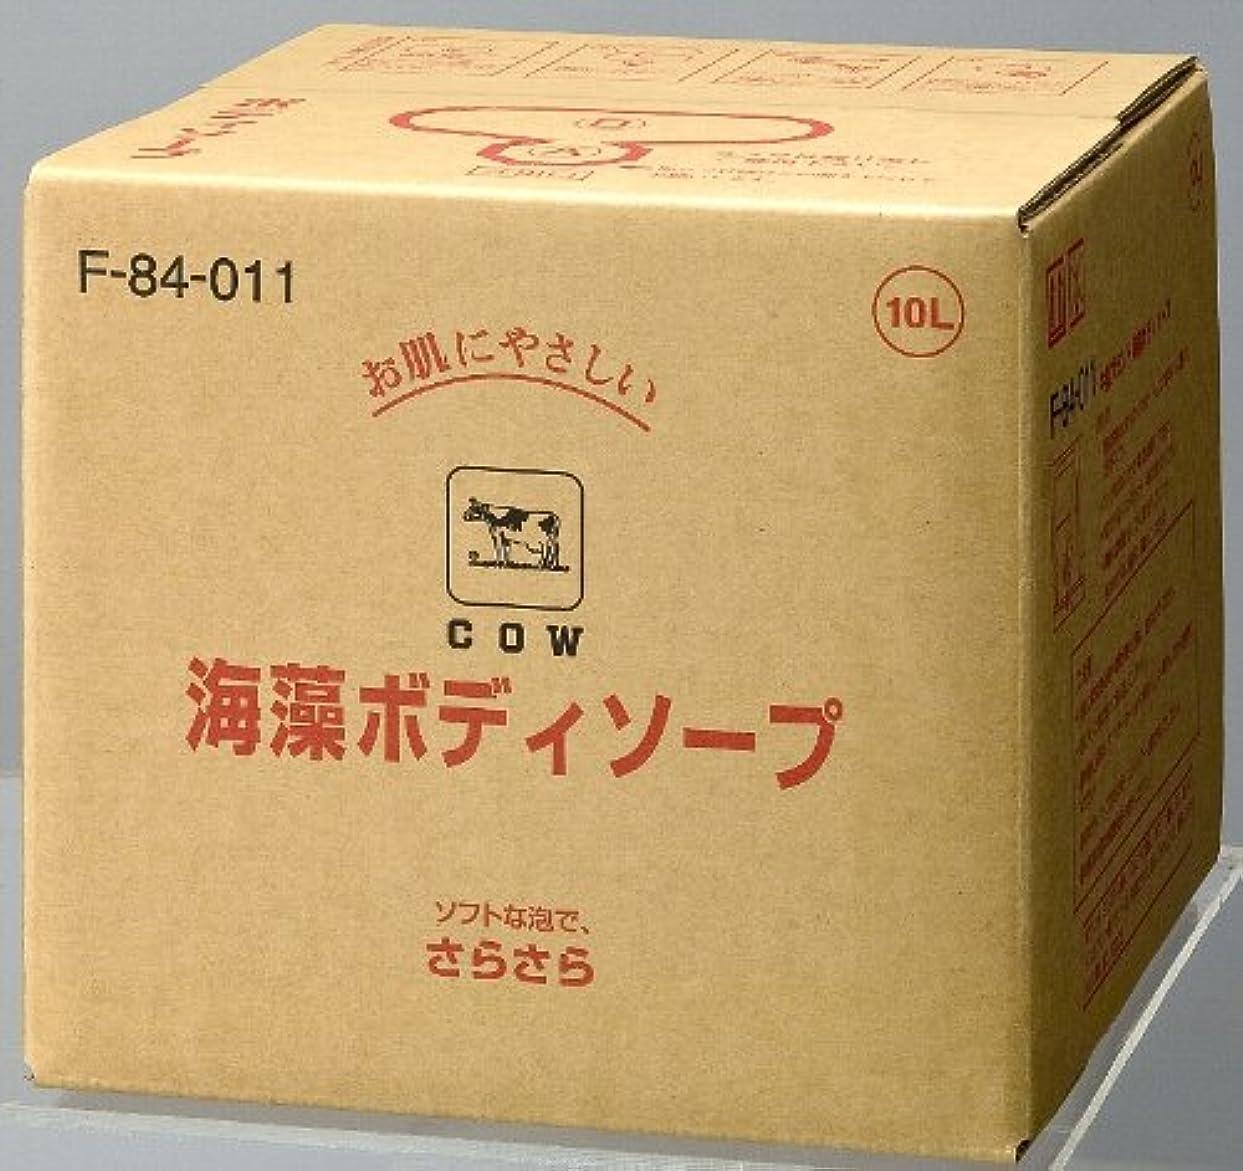 熟読朝ファイル【業務用】カウブランド海藻ボディソープ 10L